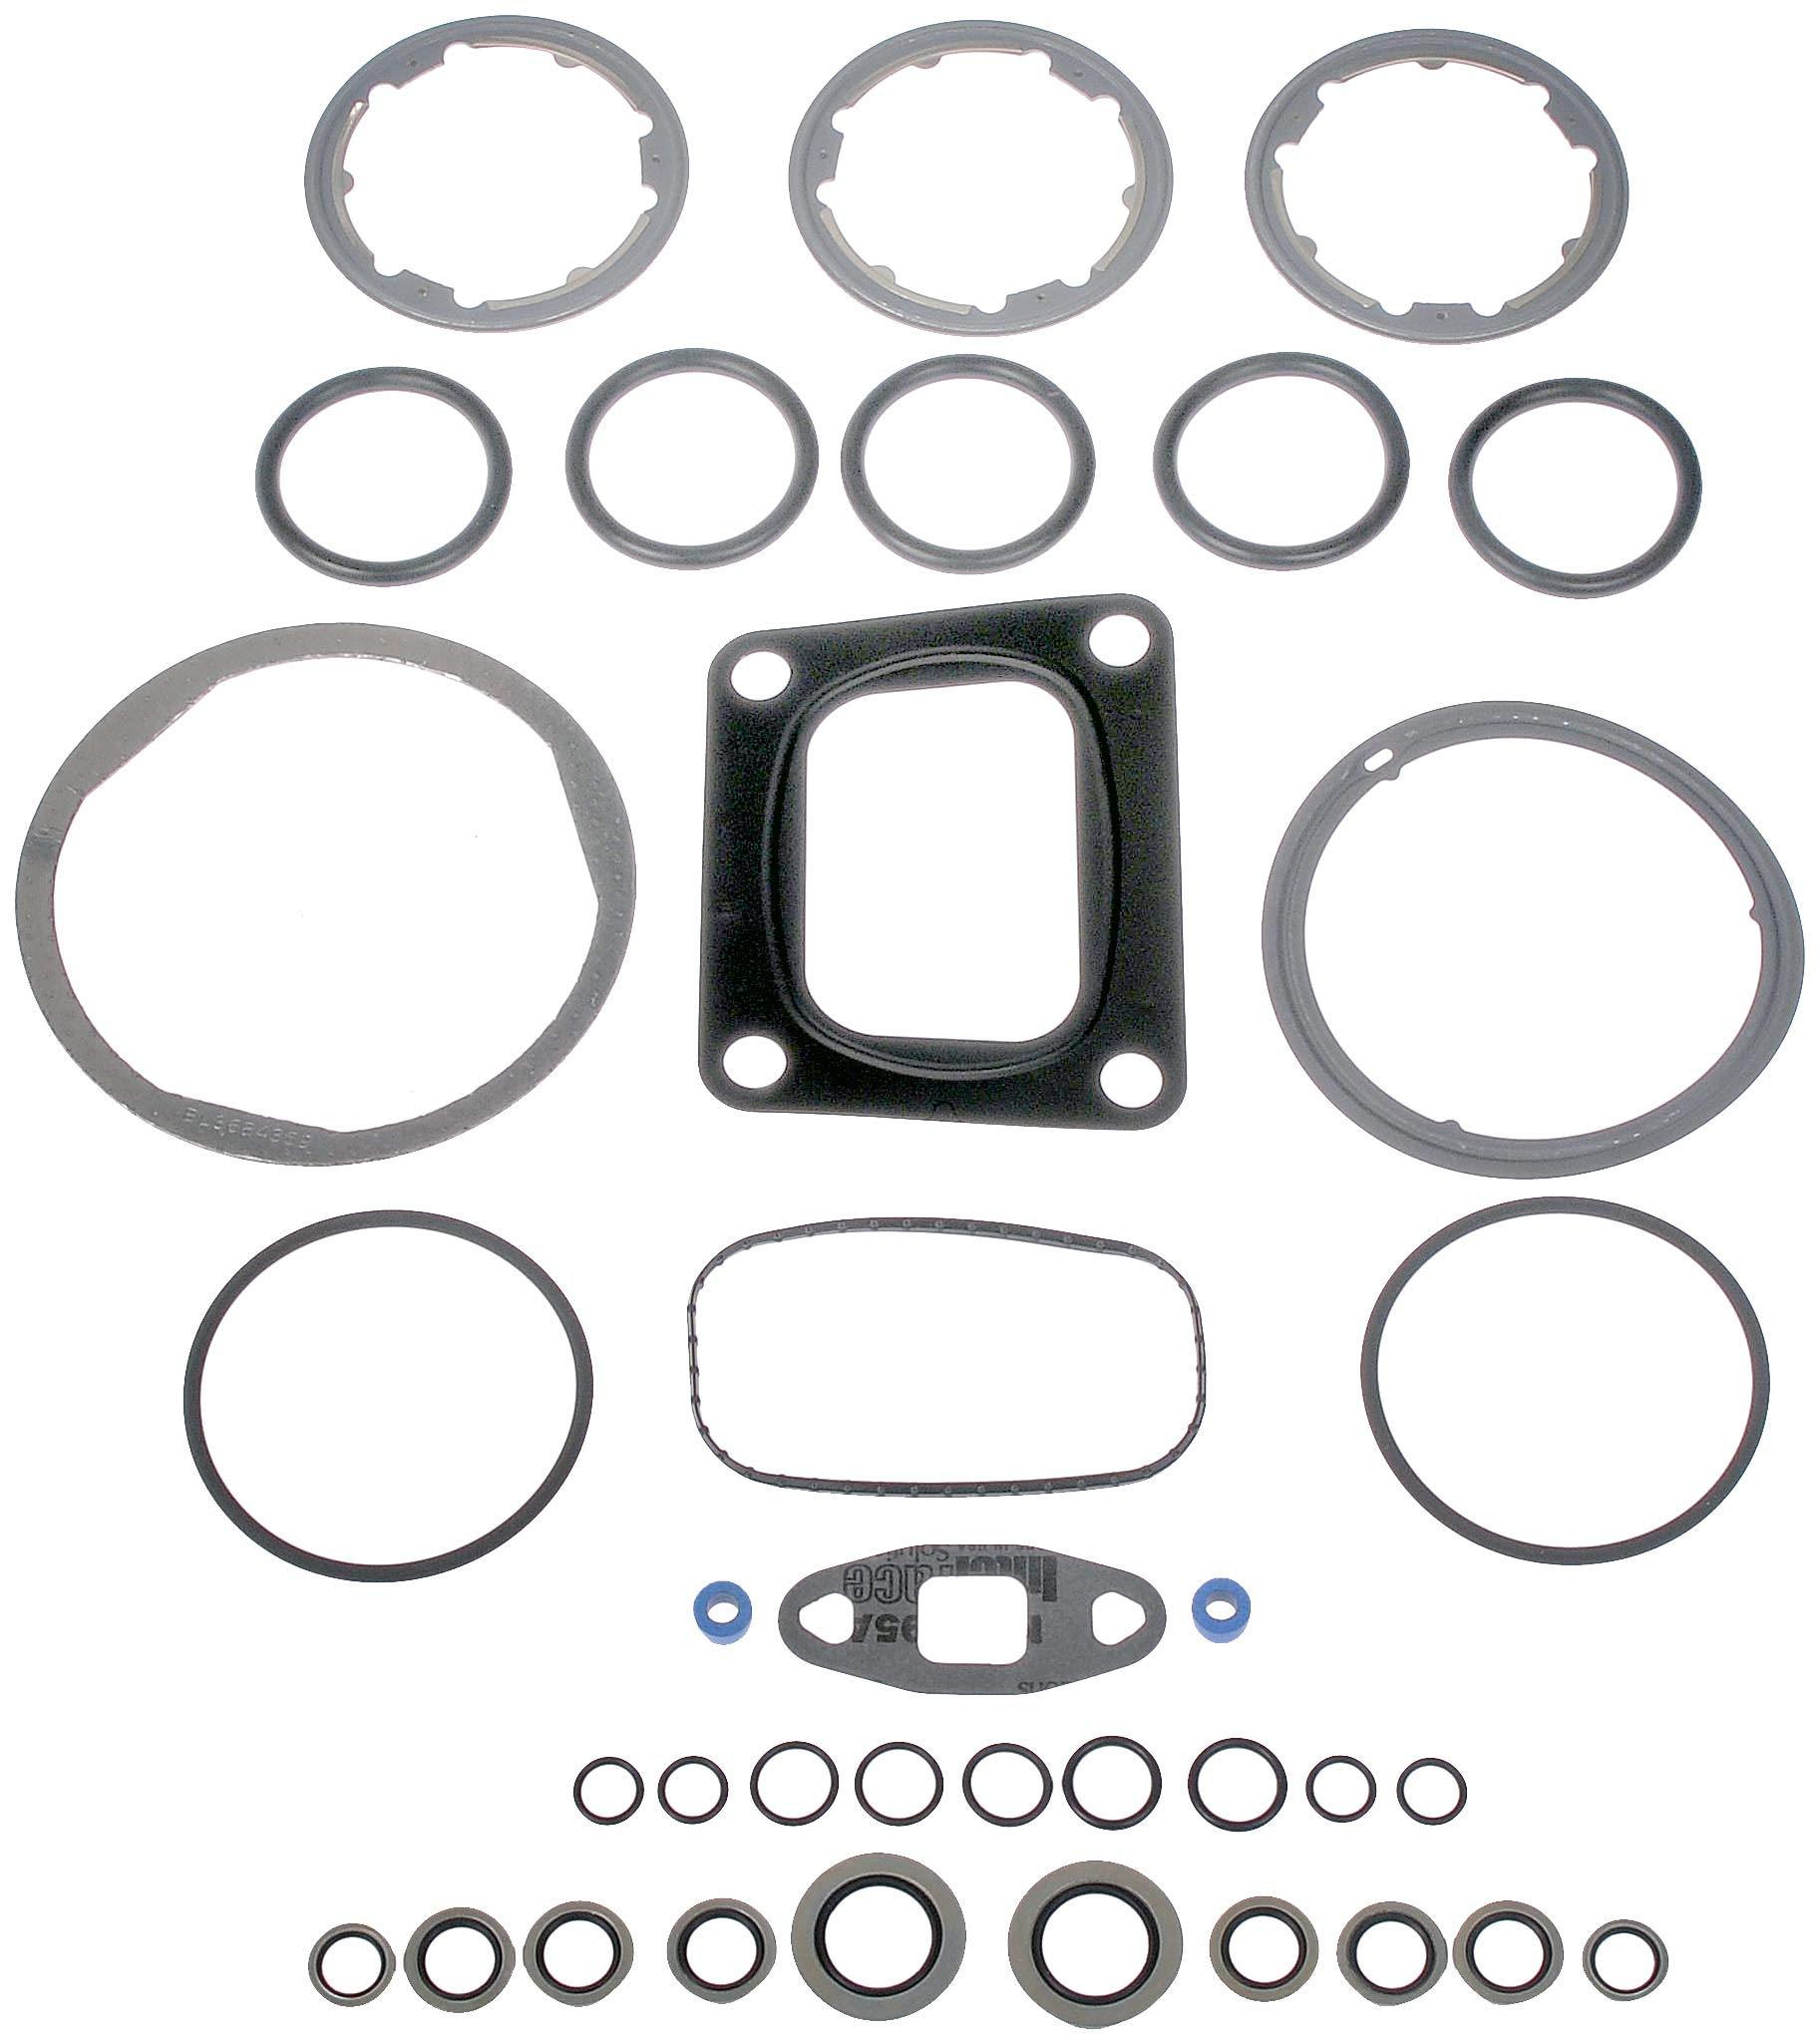 Dorman 904-5009 EGR Cooler Gasket Kit for Select Trucks